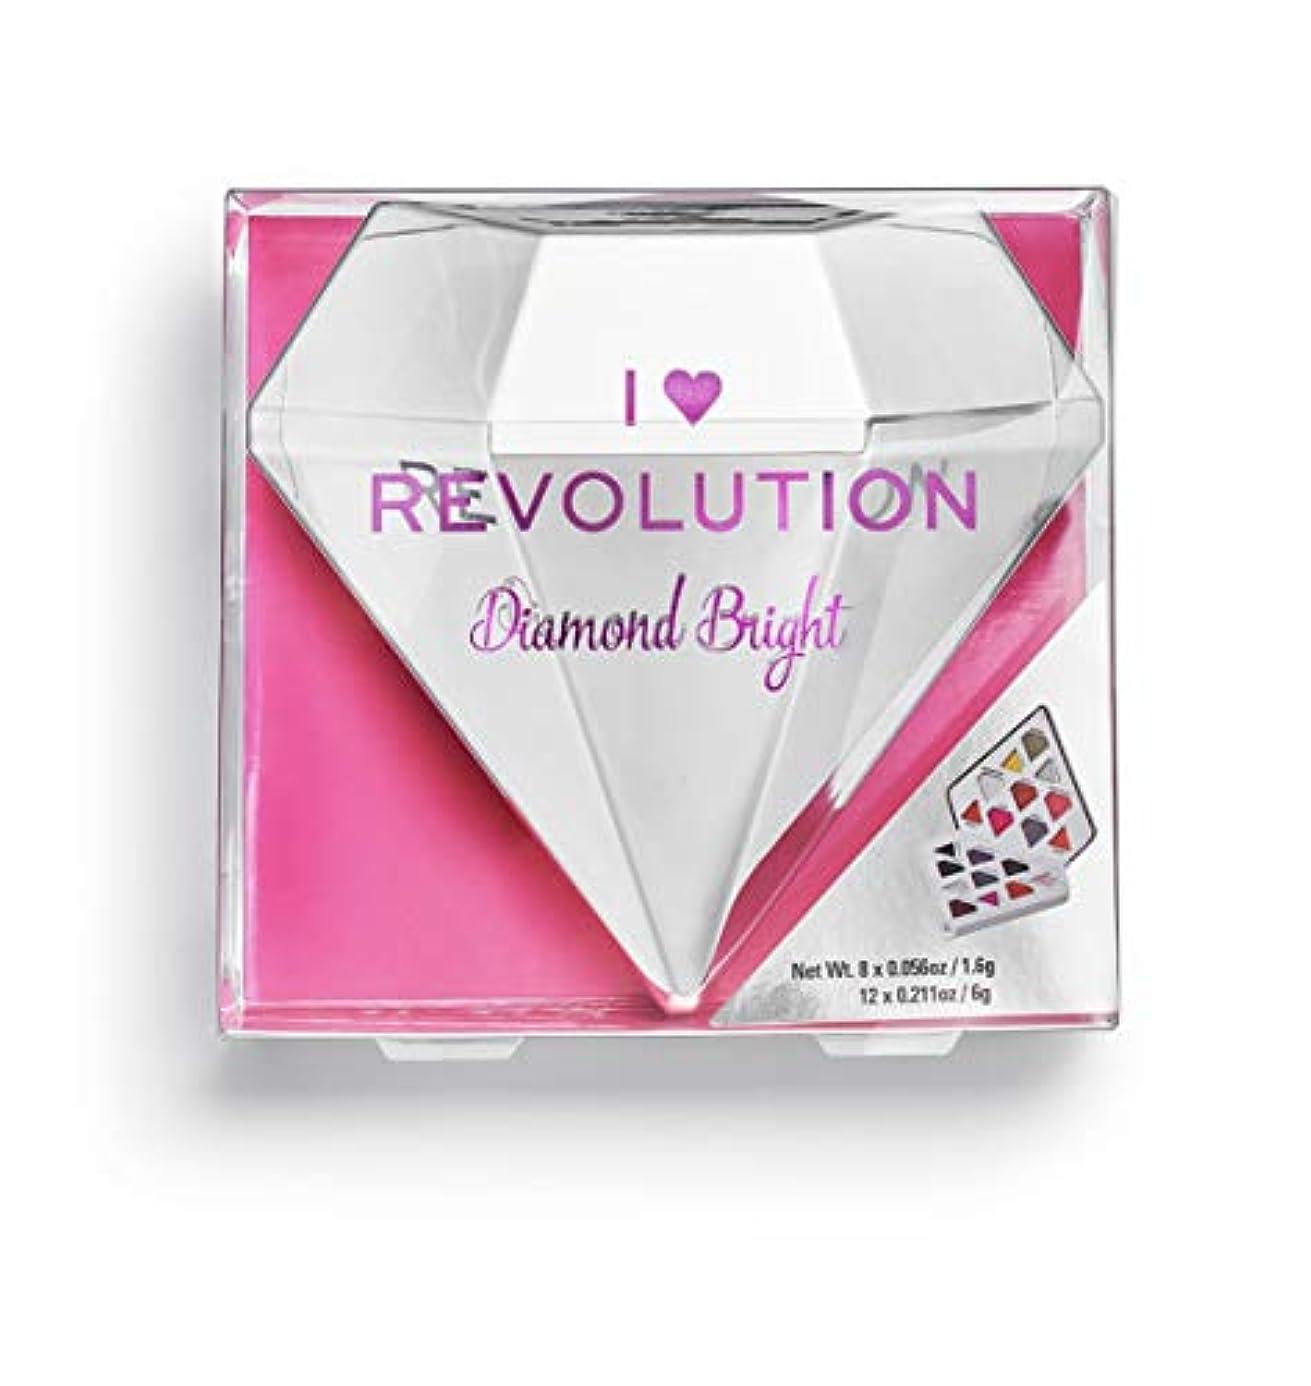 どきどき不運爆発メイクアップレボリューション ダイヤ型20色アイシャドウパレット Diamond Bright